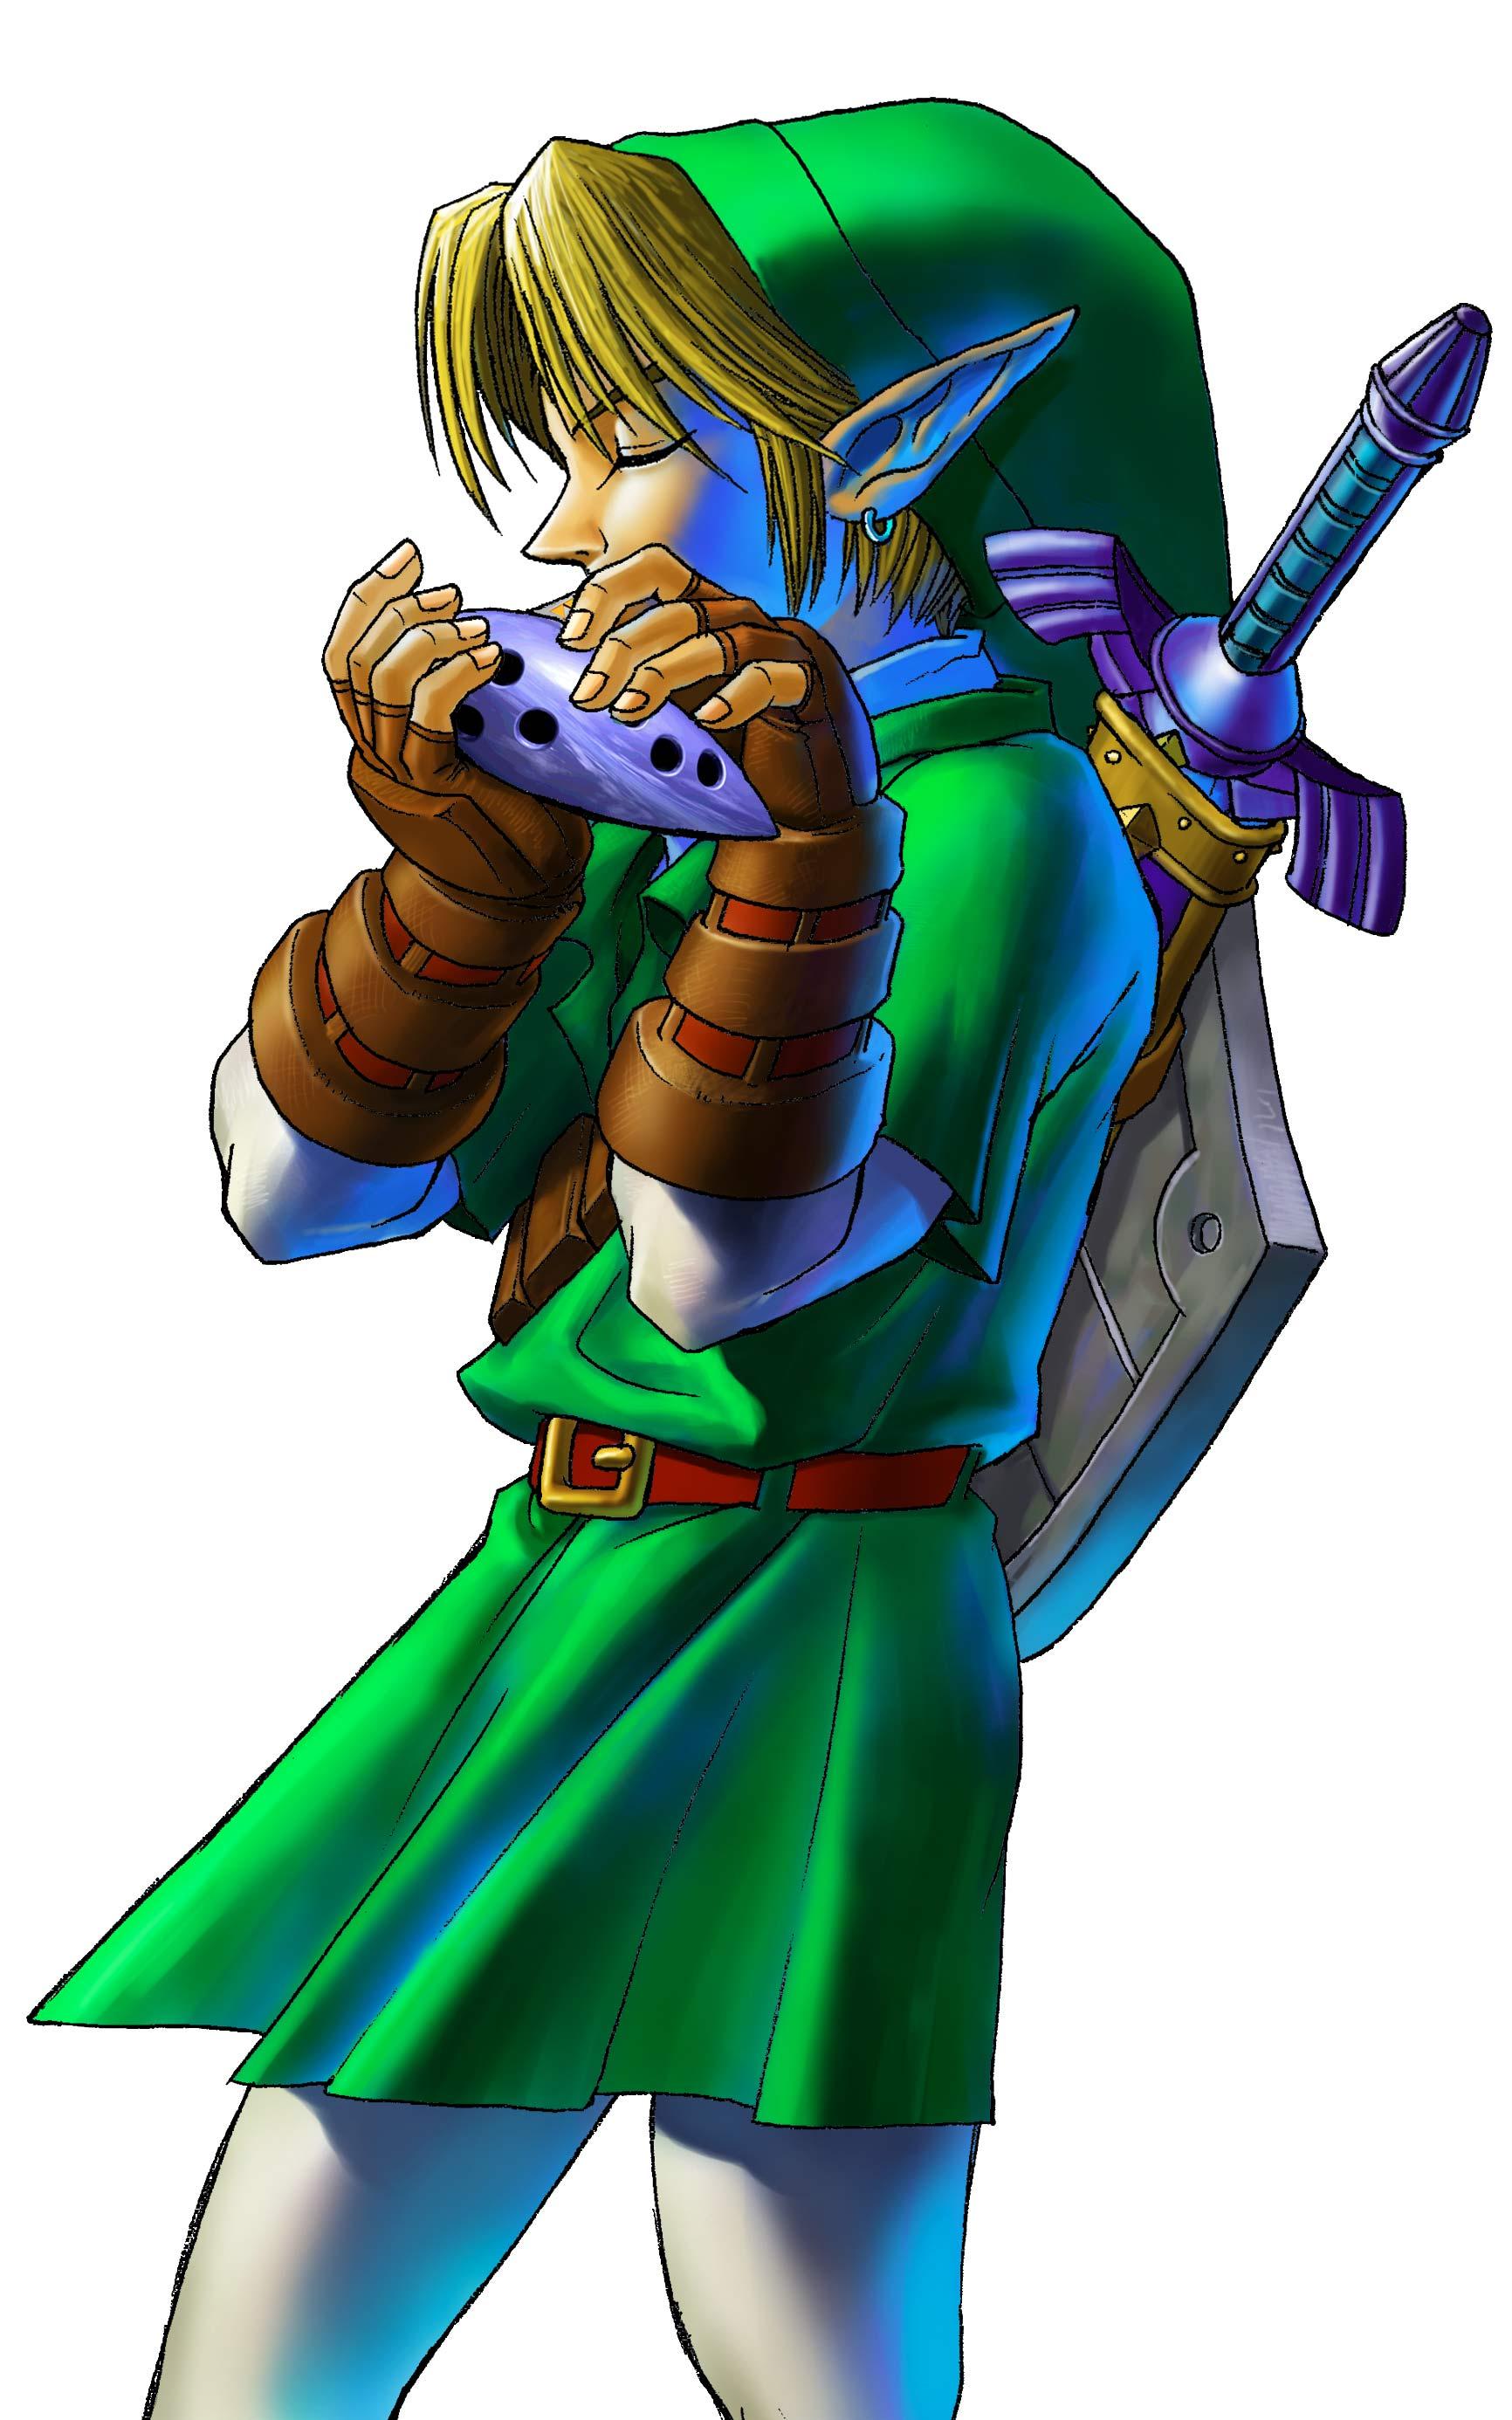 Link's 3D adventure: Hands-on with Zelda: OoT 3DS - VG247